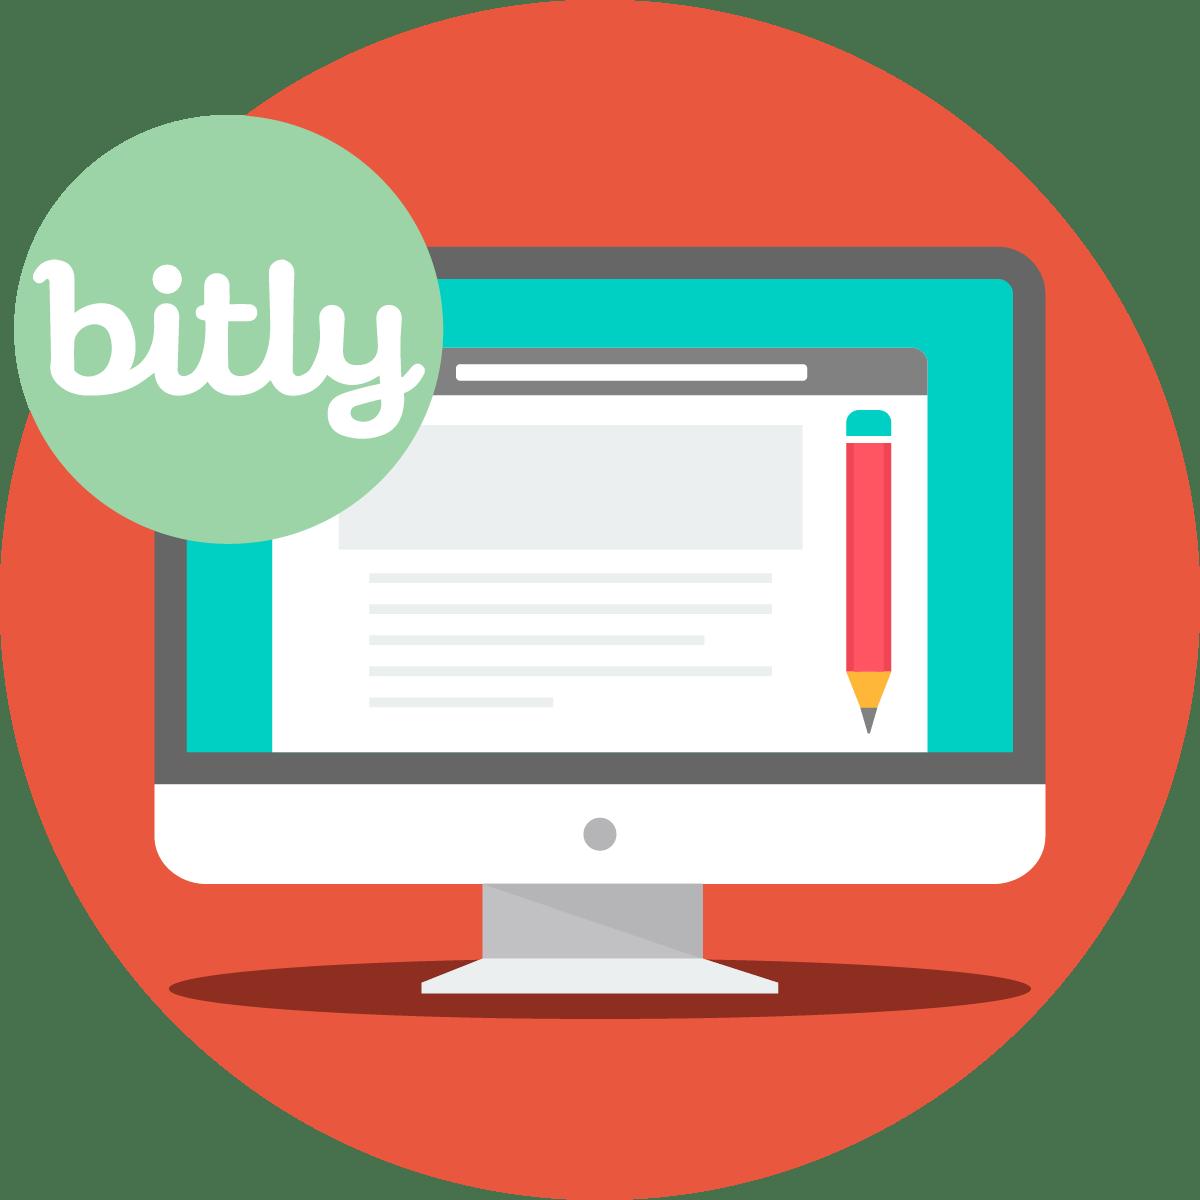 頭6個月內 bit.ly 網址的點擊和分佈